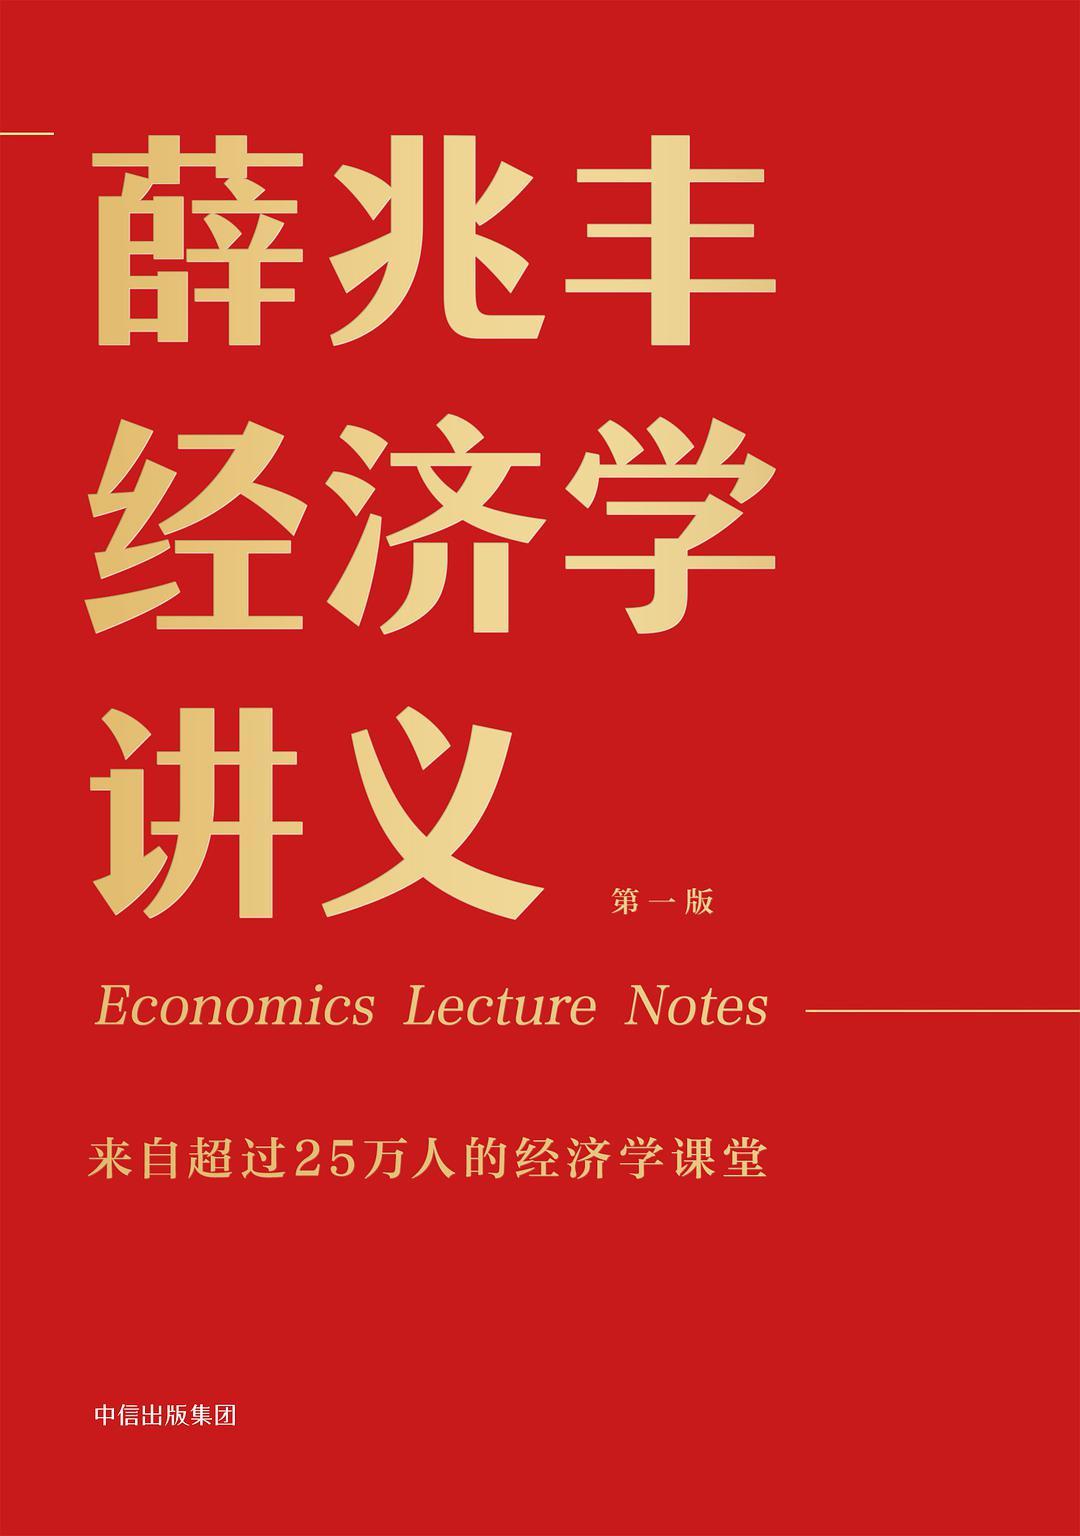 薛兆豐經濟學講義:來自超過25萬人的經濟學課堂